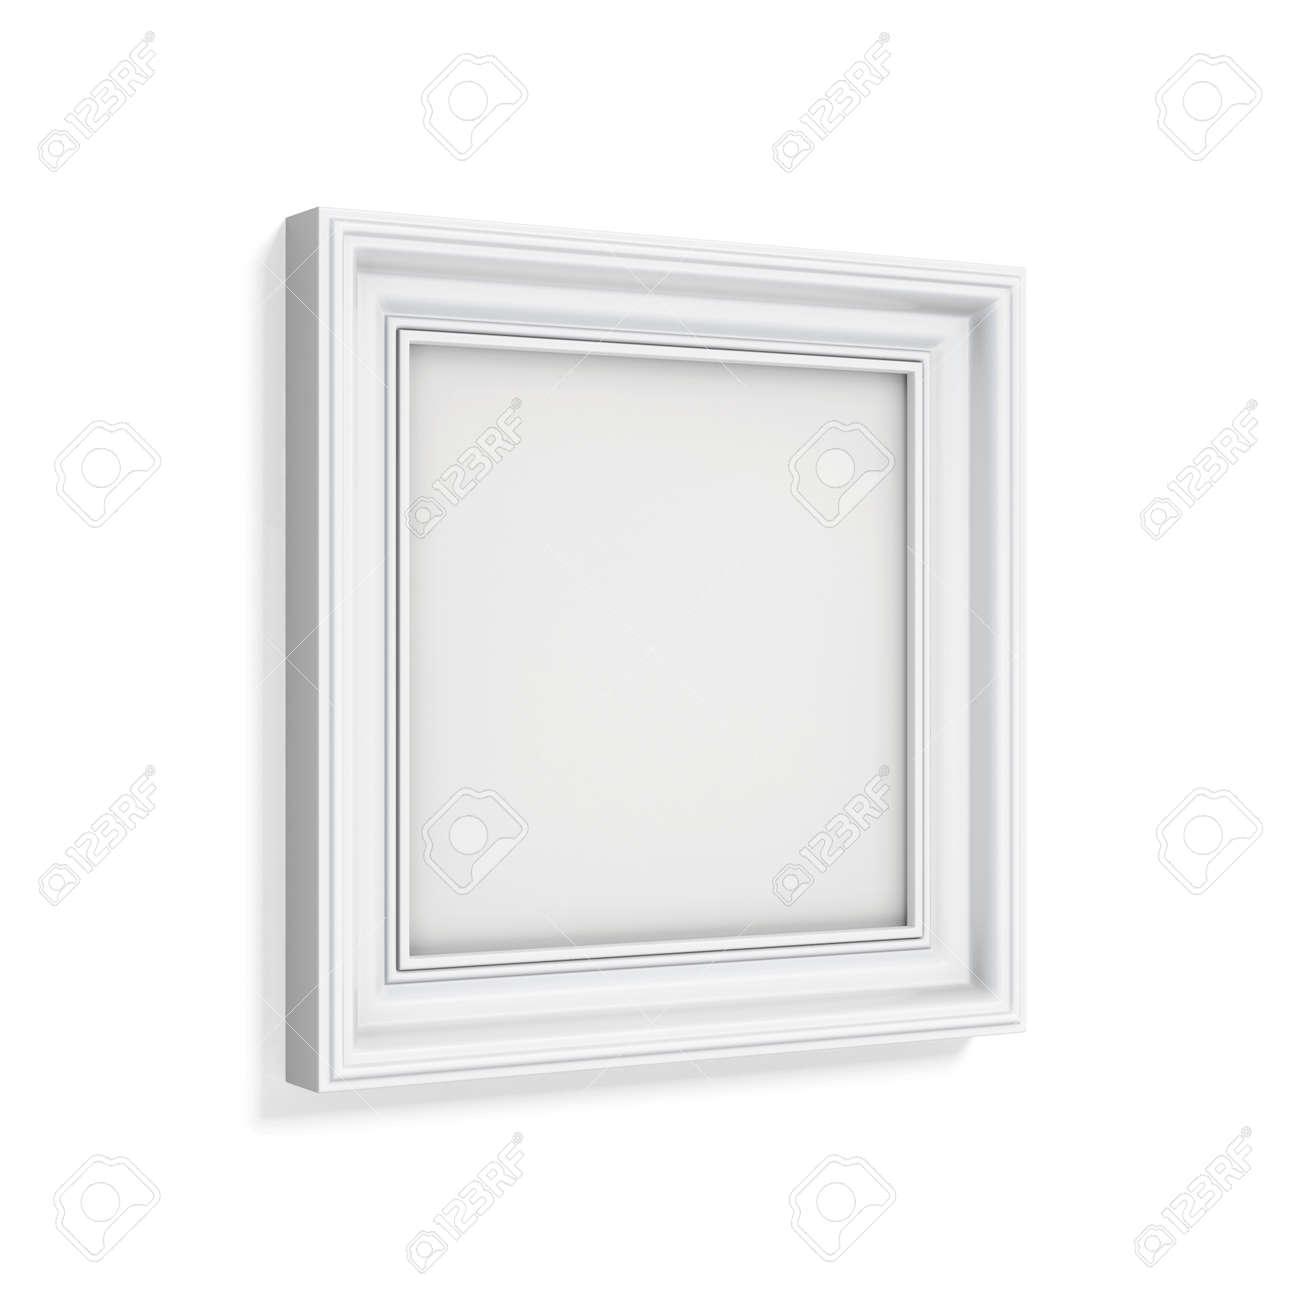 Quadratischer Bilderrahmen Lokalisiert Auf Weißem Hintergrund. 3D ...